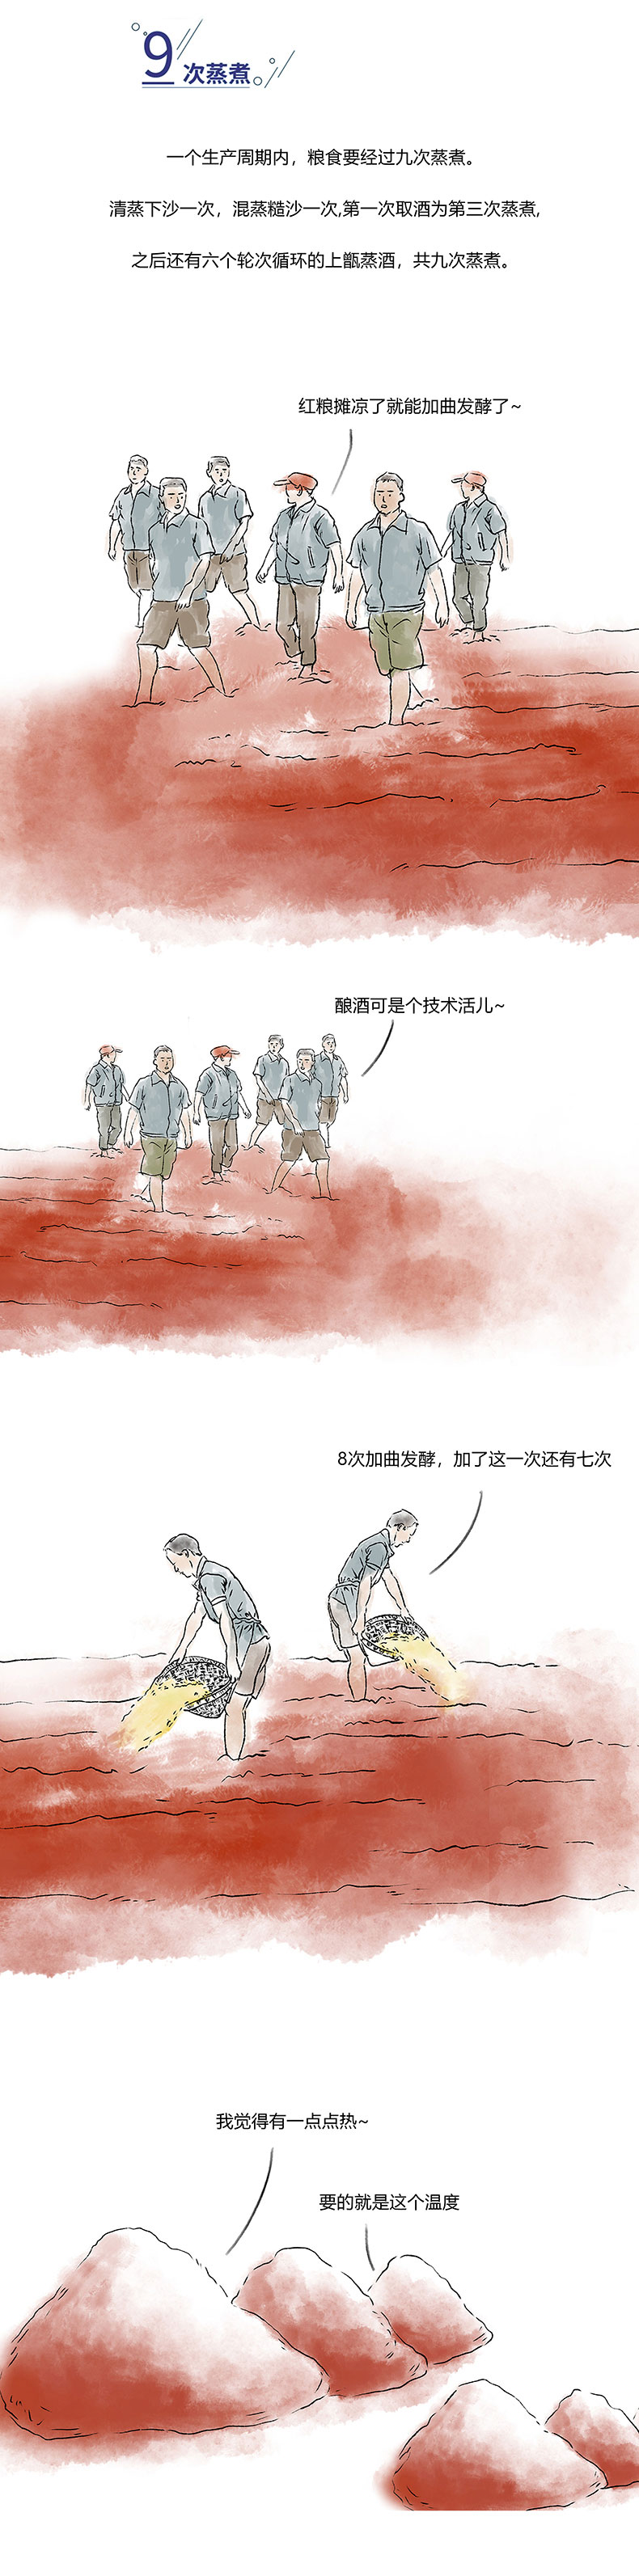 國臺國標酒 (11).jpg